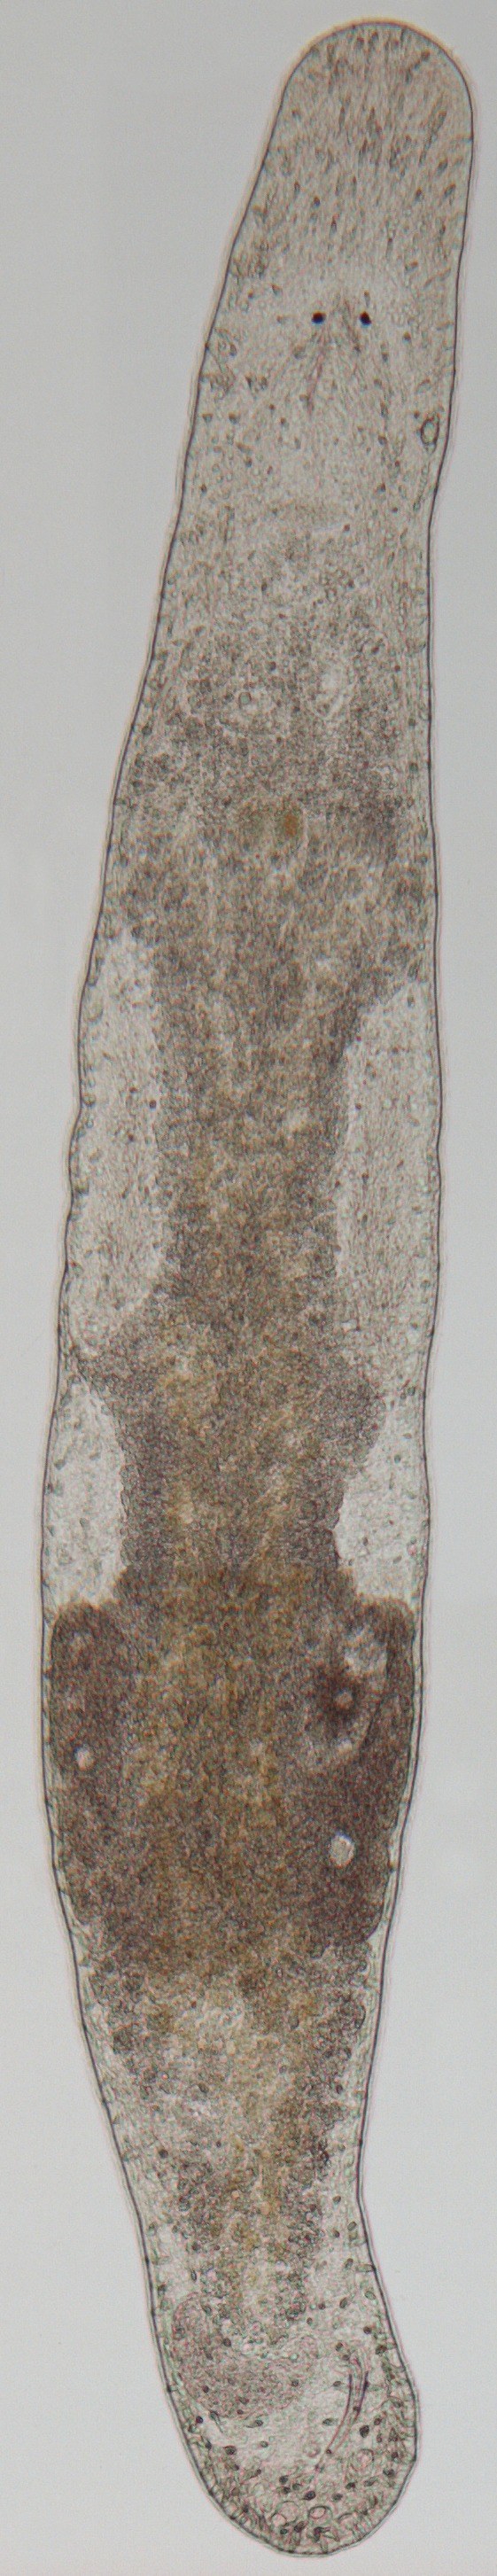 Image of <i>Macrostomum lignano</i> Ladurner, Schärer, Salvenmoser & Rieger 2005